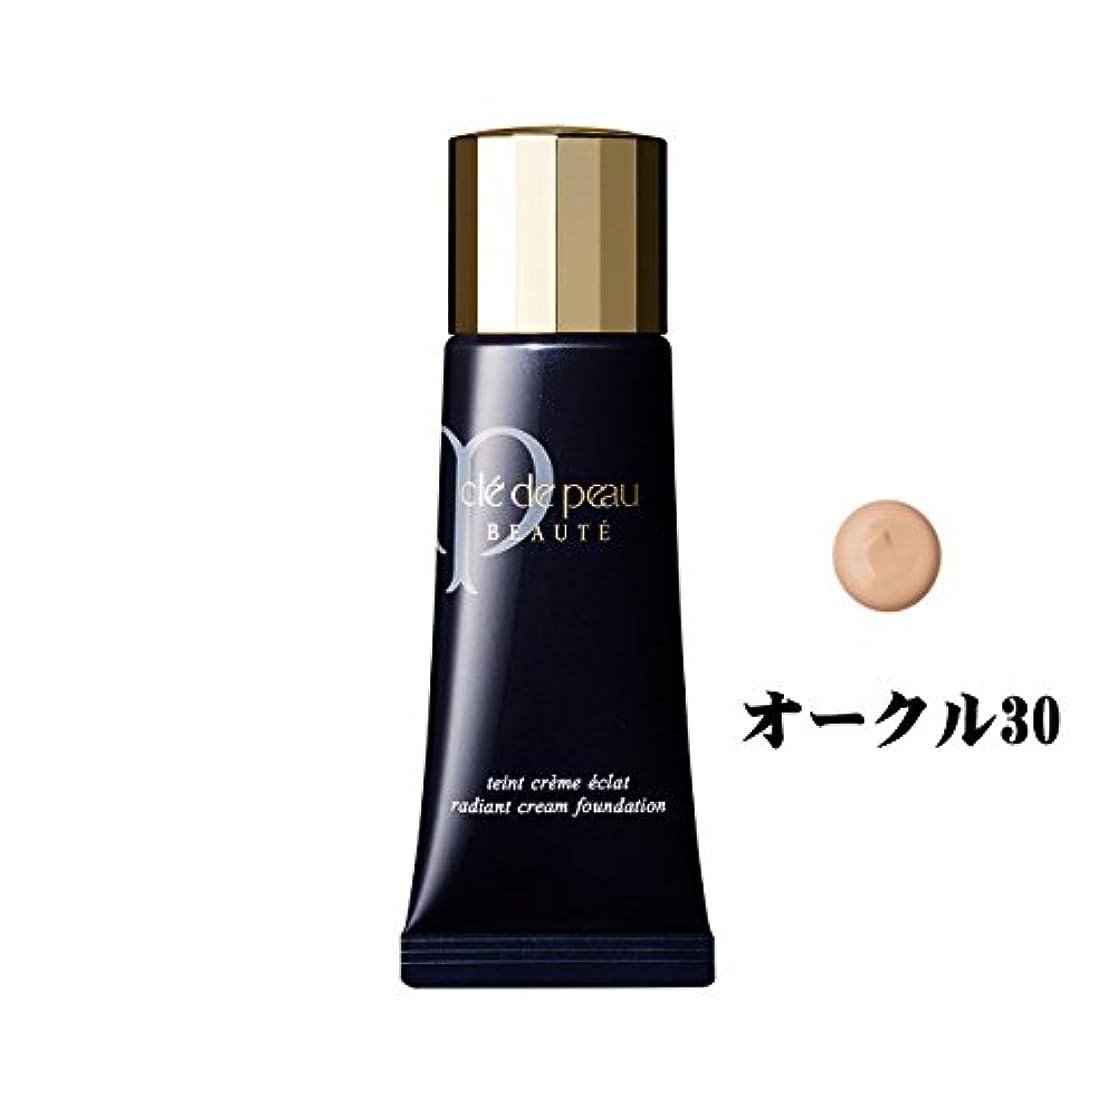 資生堂/shiseido クレ?ド?ポー ボーテ/CPB タンクレームエクラ オークル30 クリームタイプ SPF25?PA++